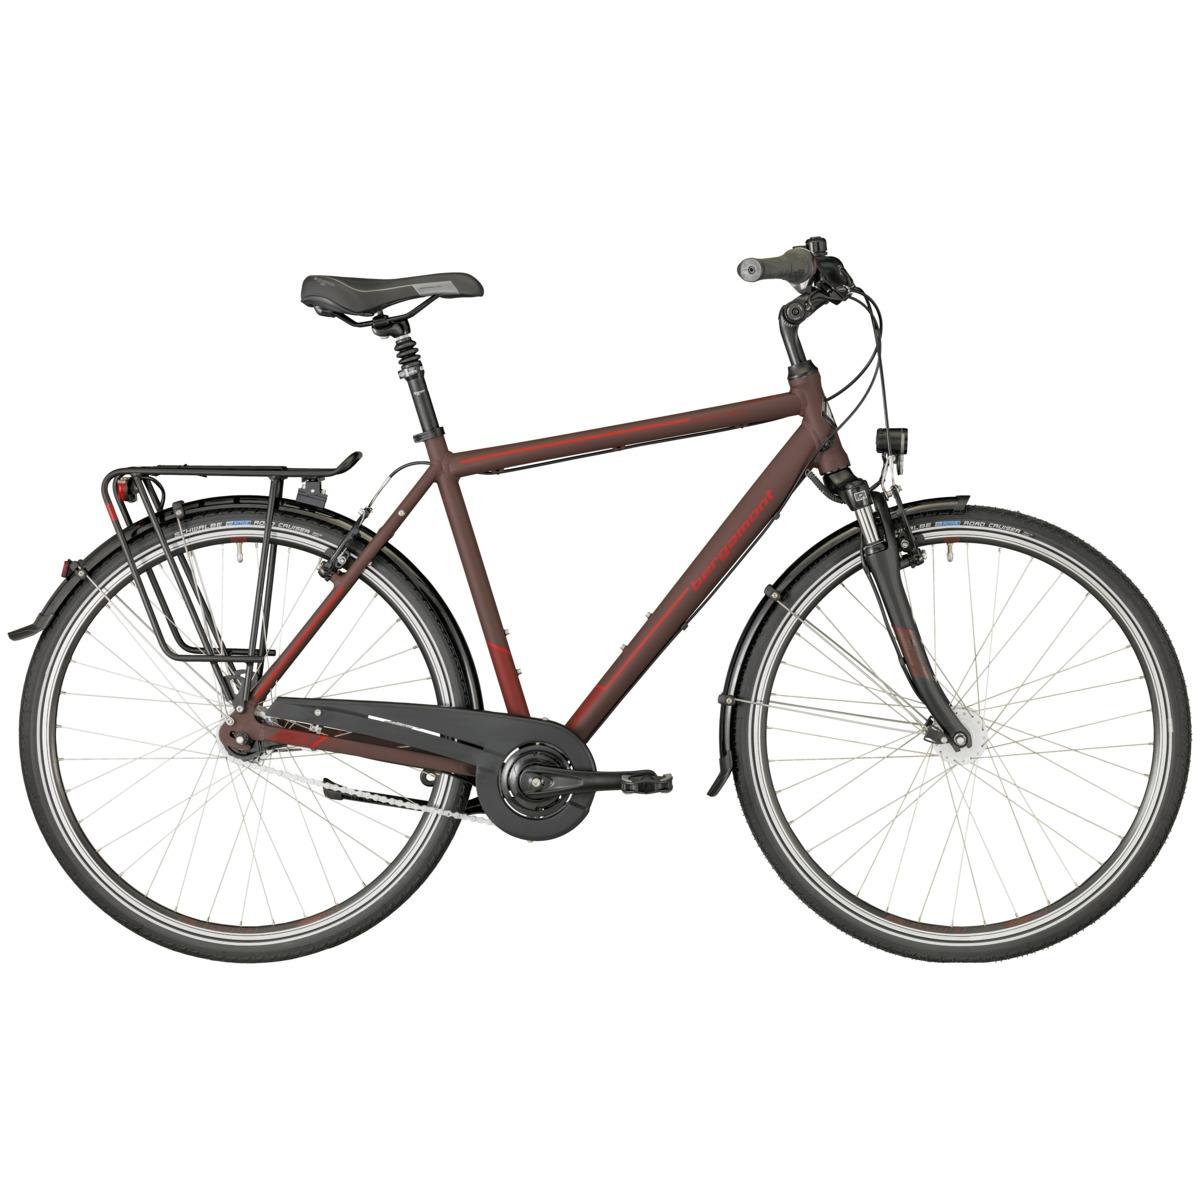 bergamont horizon n7 cb herren trekking fahrrad dunkel rot schwarz 2018 von top marken online. Black Bedroom Furniture Sets. Home Design Ideas